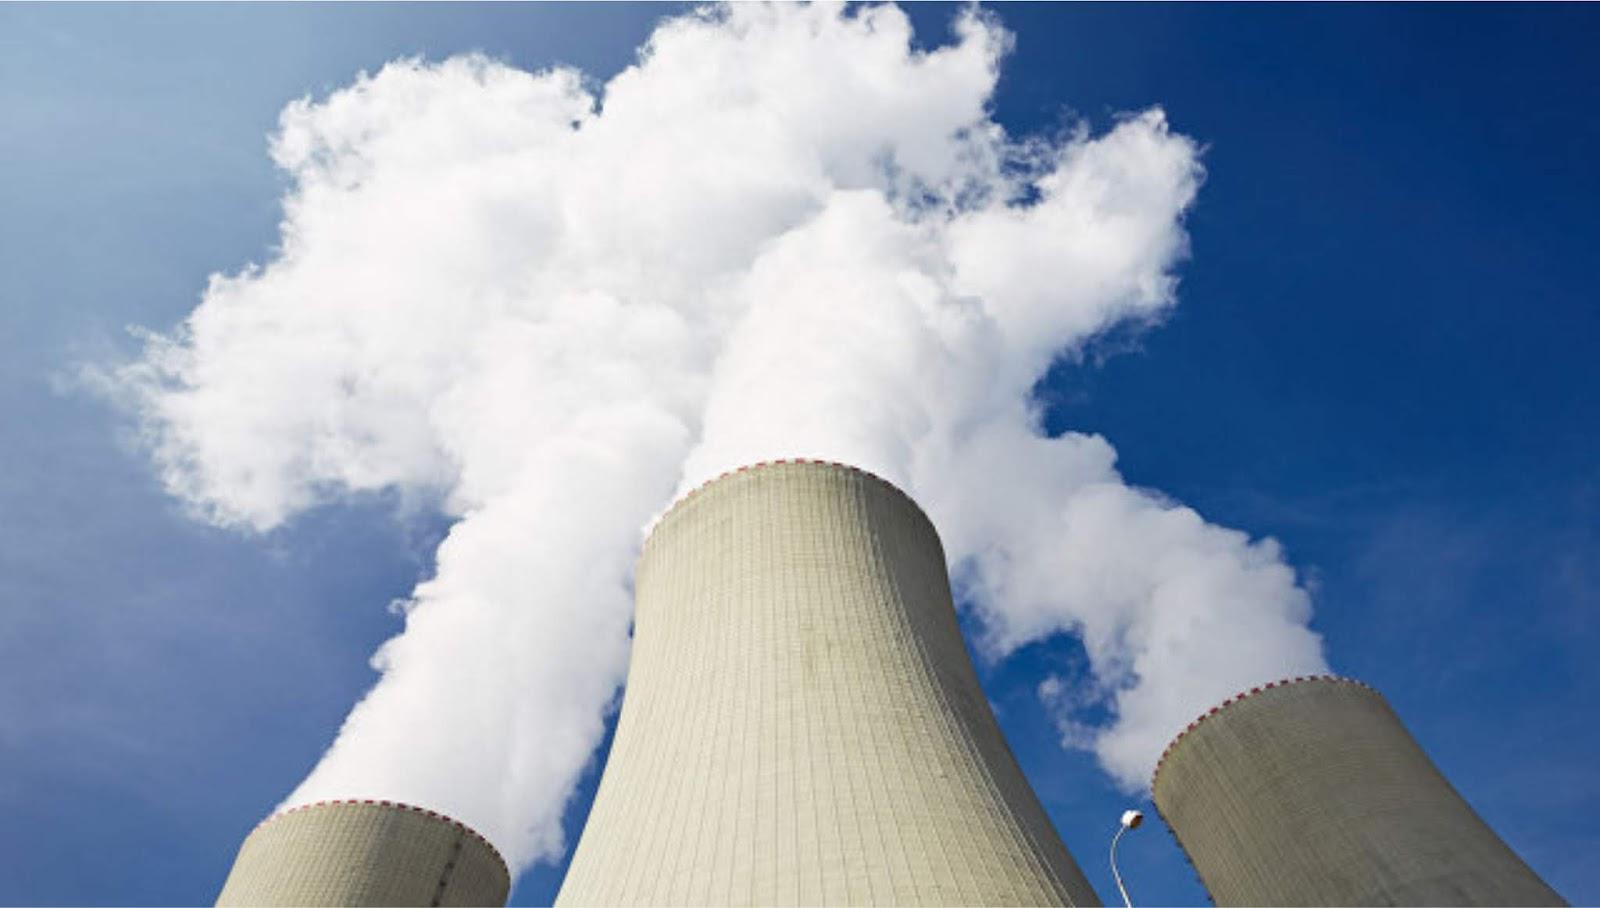 Rusia sedang mengembangkan proyek reaktor nuklir eksperimental untuk Indonesia